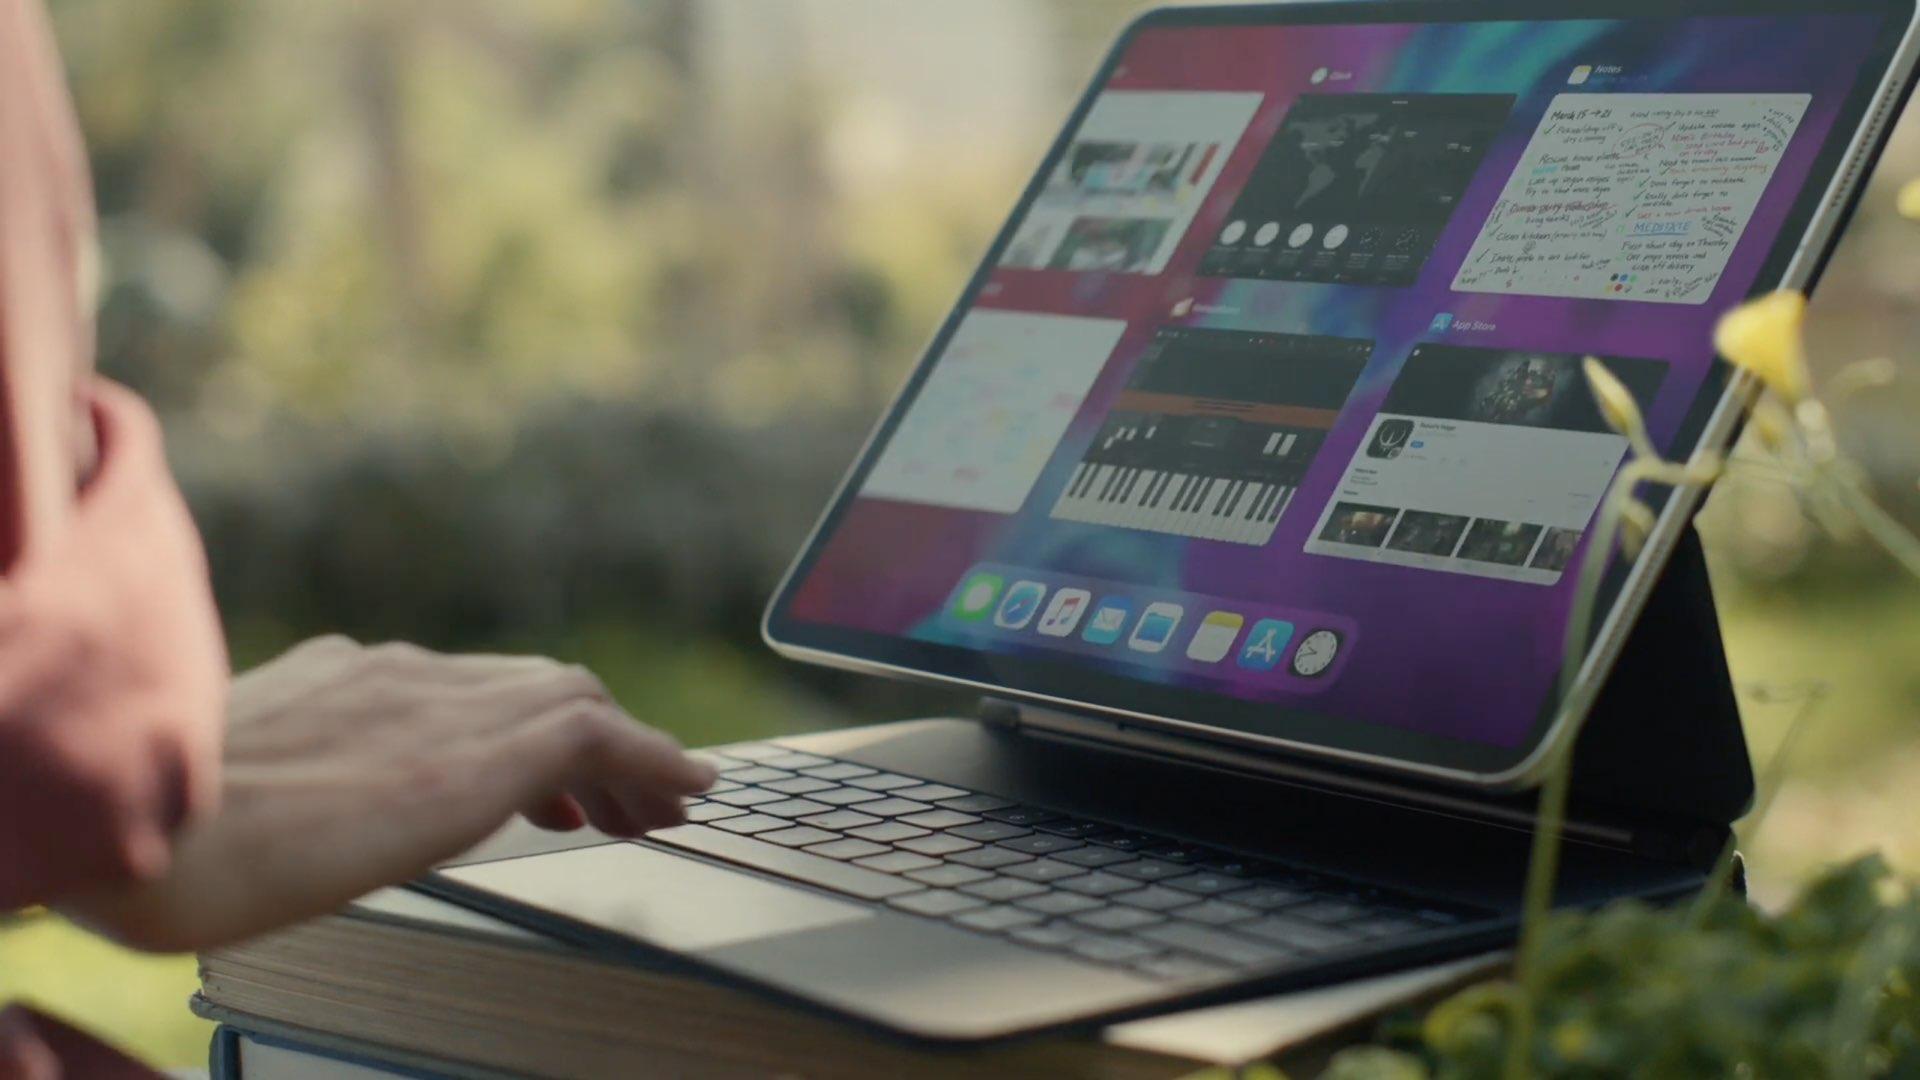 Telefono dirua saltzen duen iPad Pro teklatua zarata handia ari da egiten!